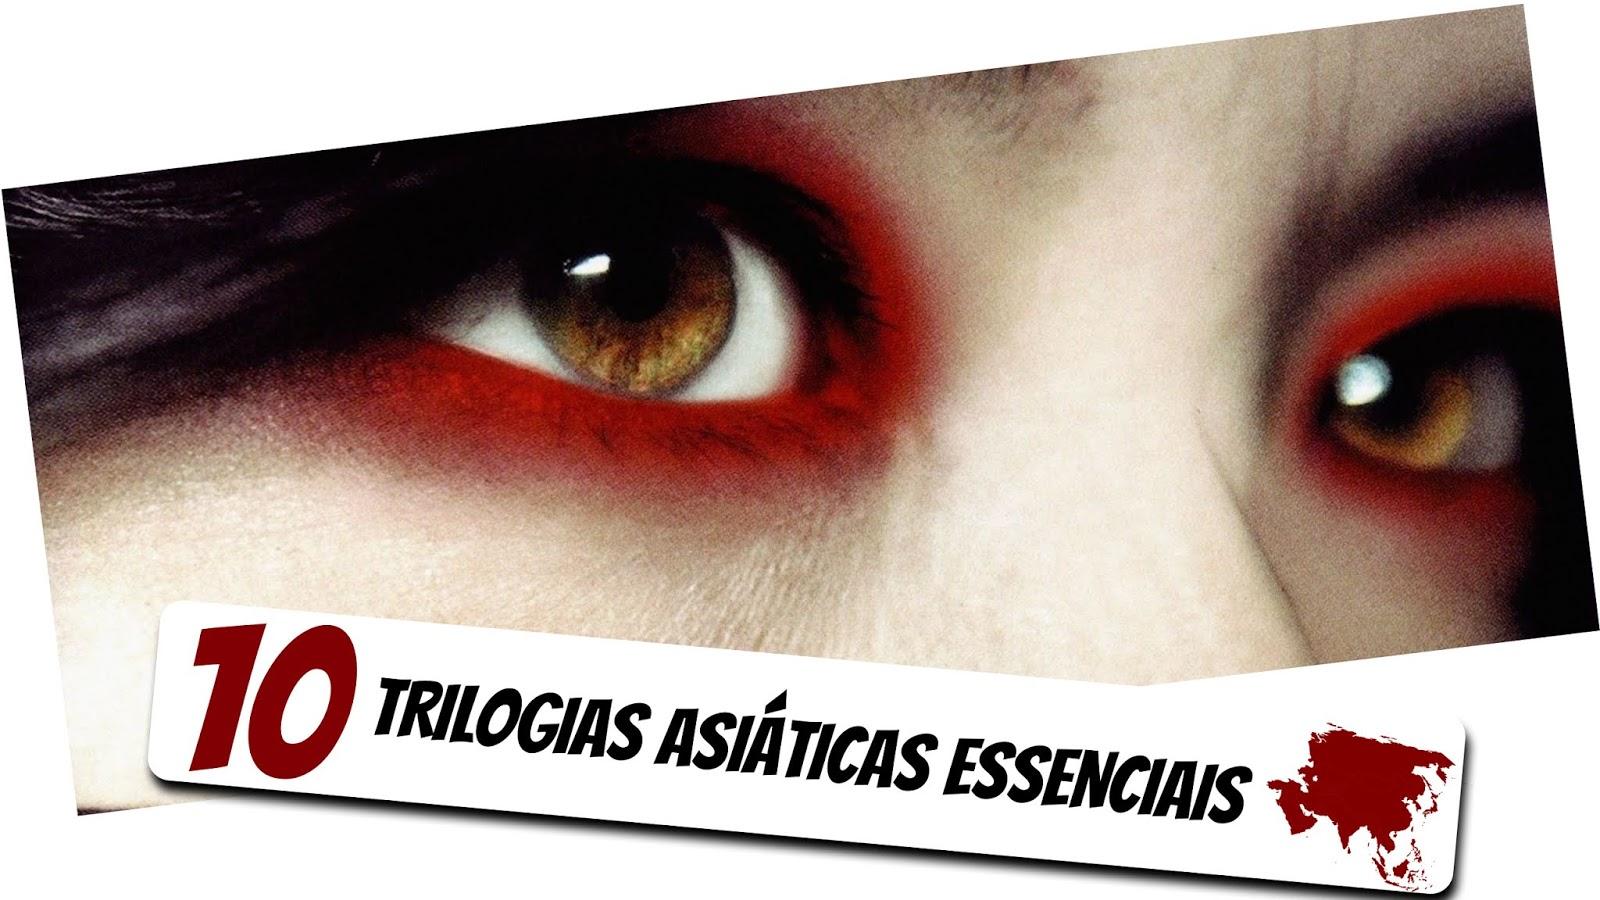 10-trilogias-asiaticas-essenciais